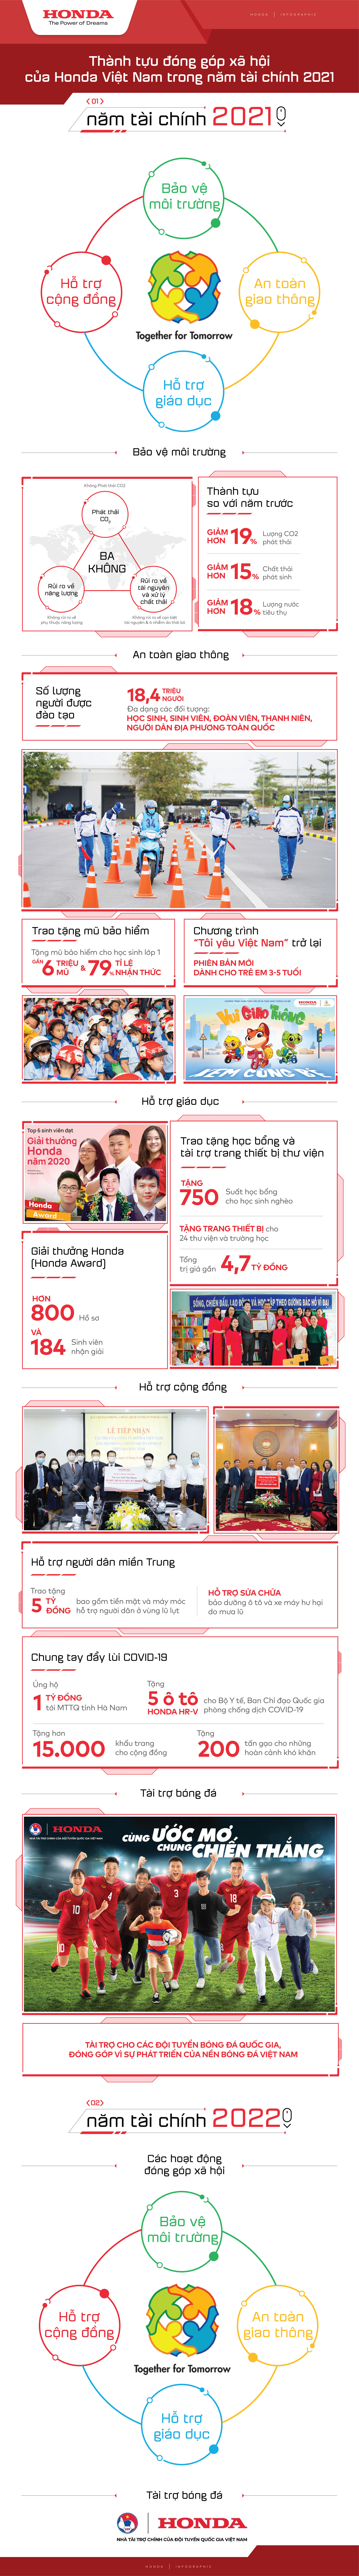 Thành tựu đóng góp xã hội của Honda Việt Nam trong năm tài chính 2021 - Ảnh 1.